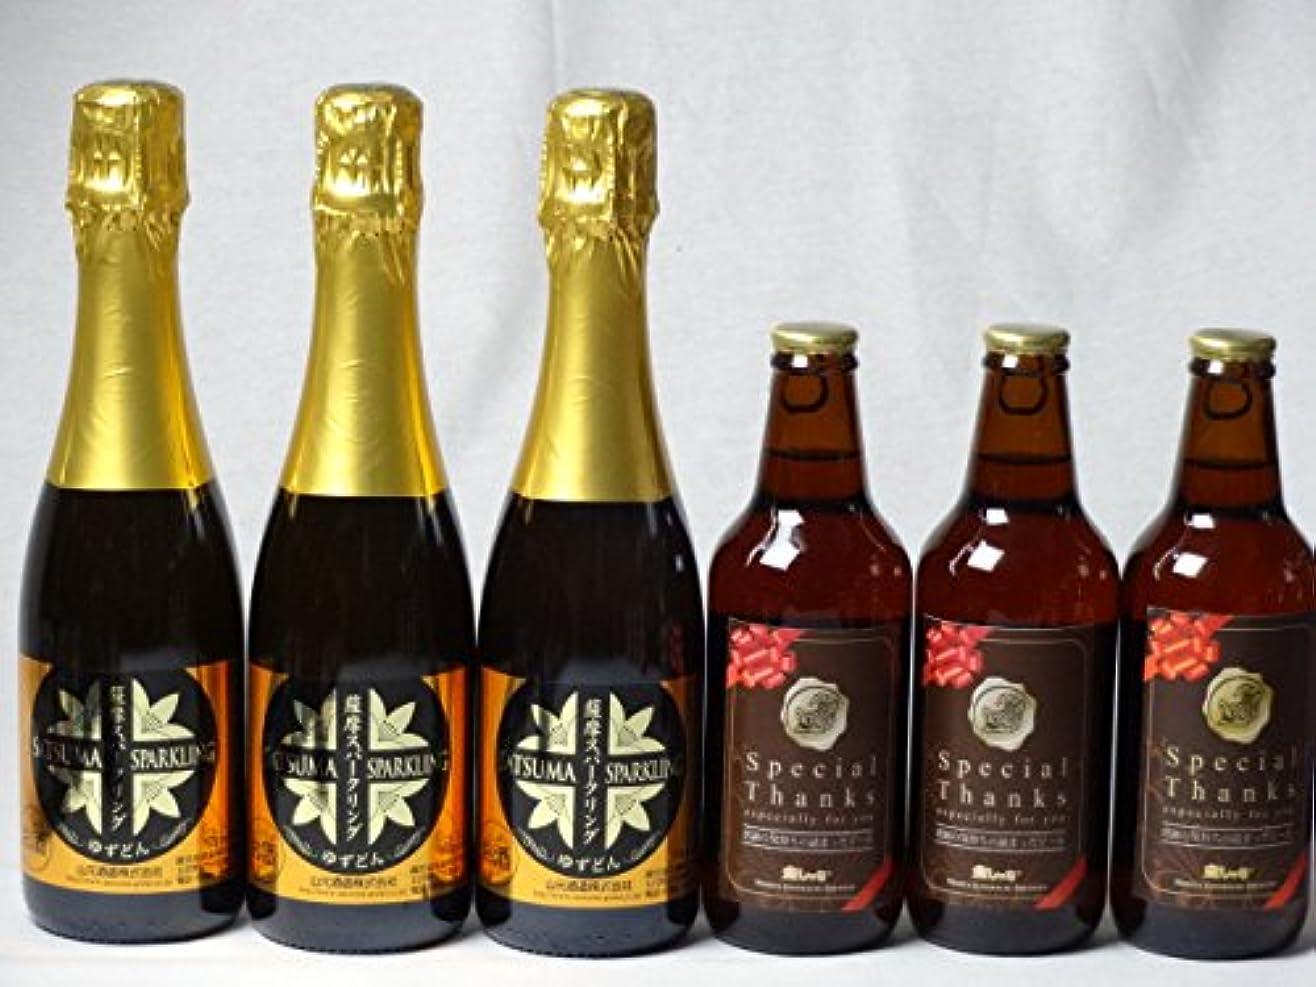 ヘルシー偽装するベアリングクラフトビールパーティ6本セット IPA感謝ビール330ml×3本 薩摩スパークリングゆずどん375ml×3本